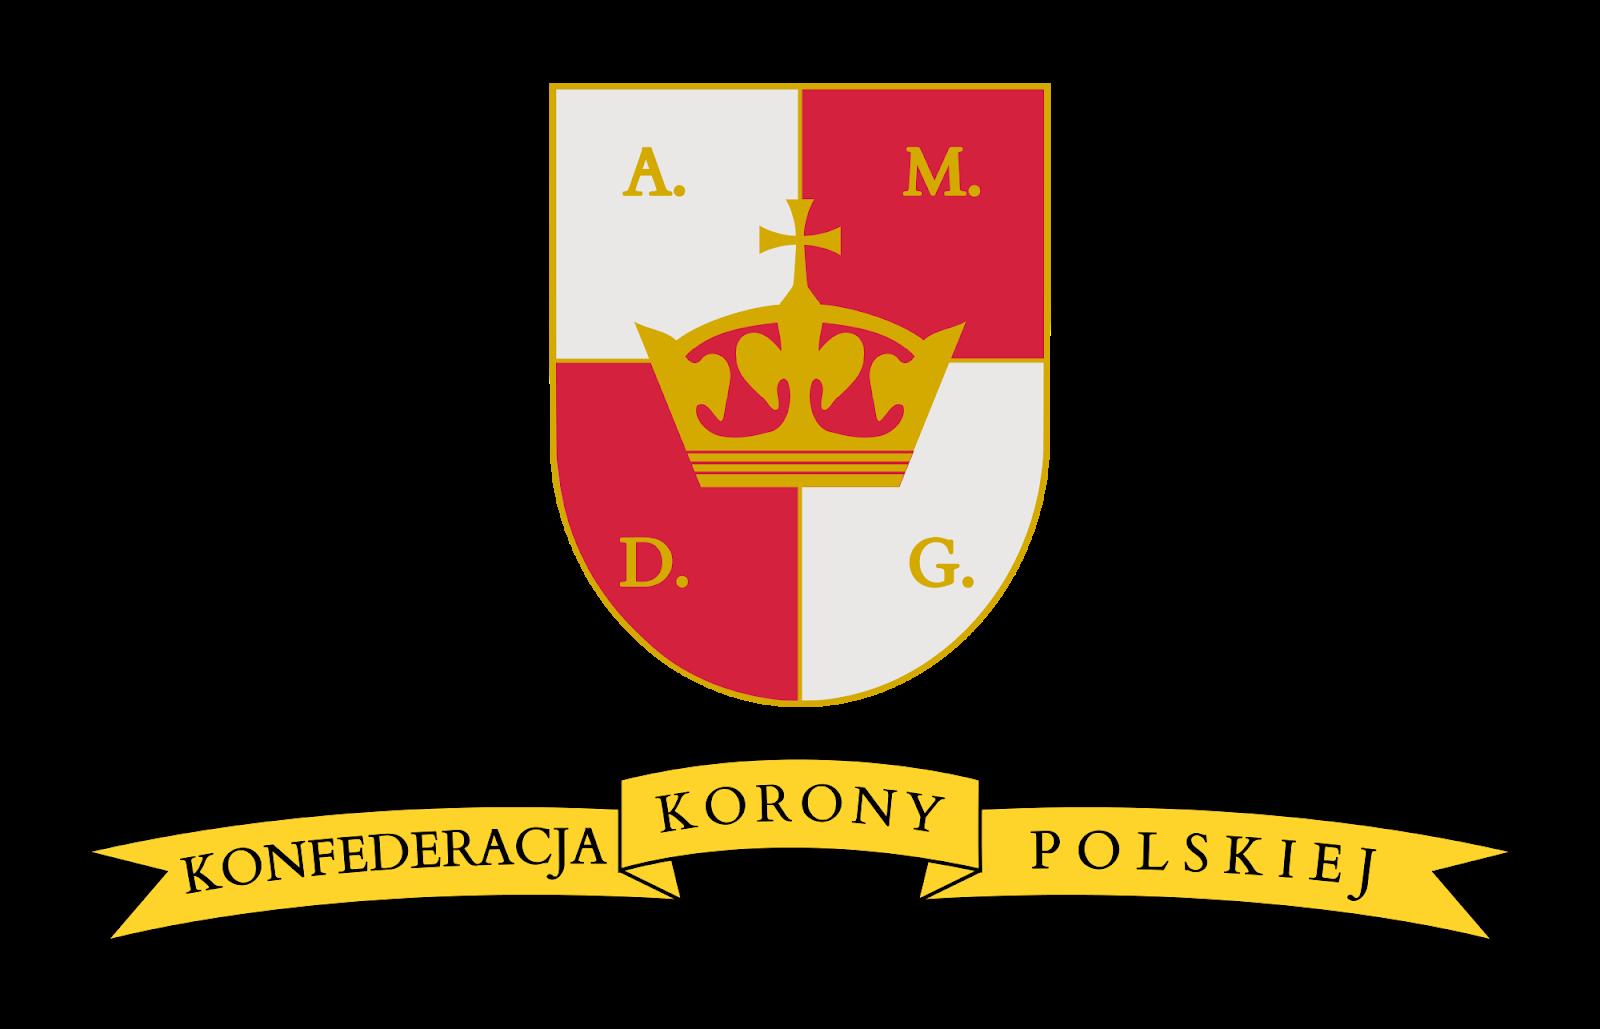 KONFEDERACJA KORONY POLSKIEJ